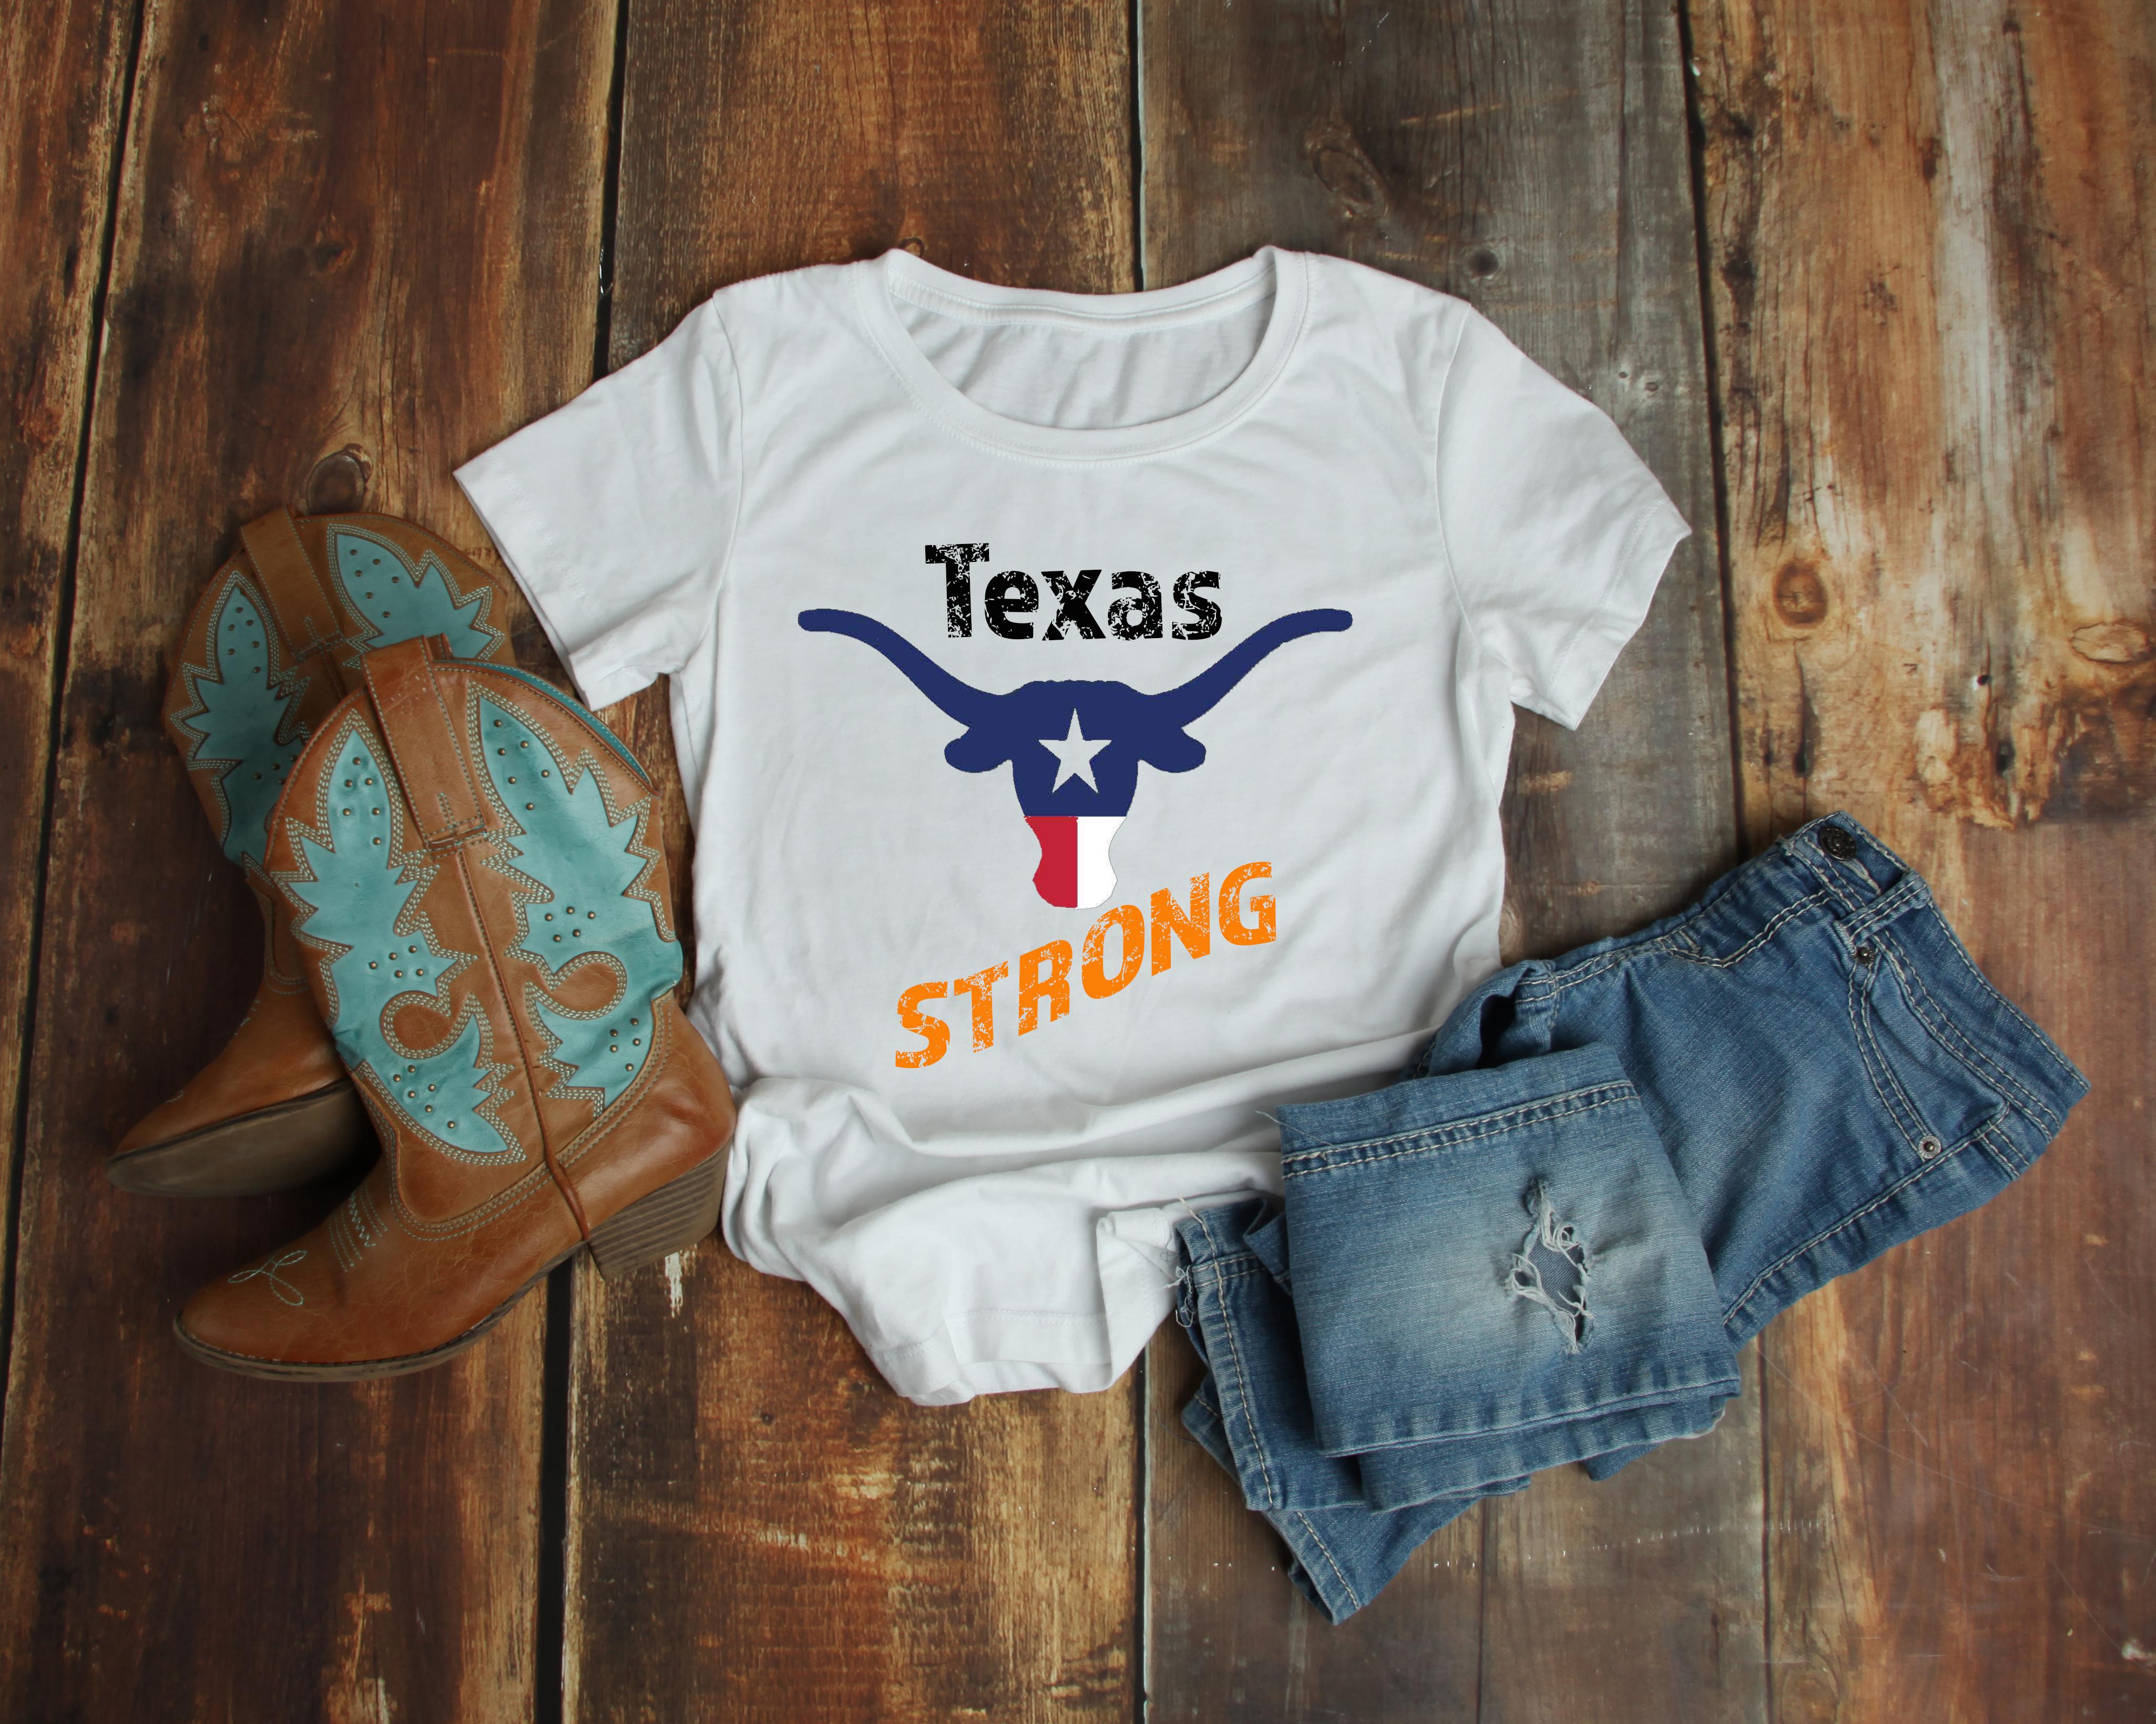 Texas Strong 10048